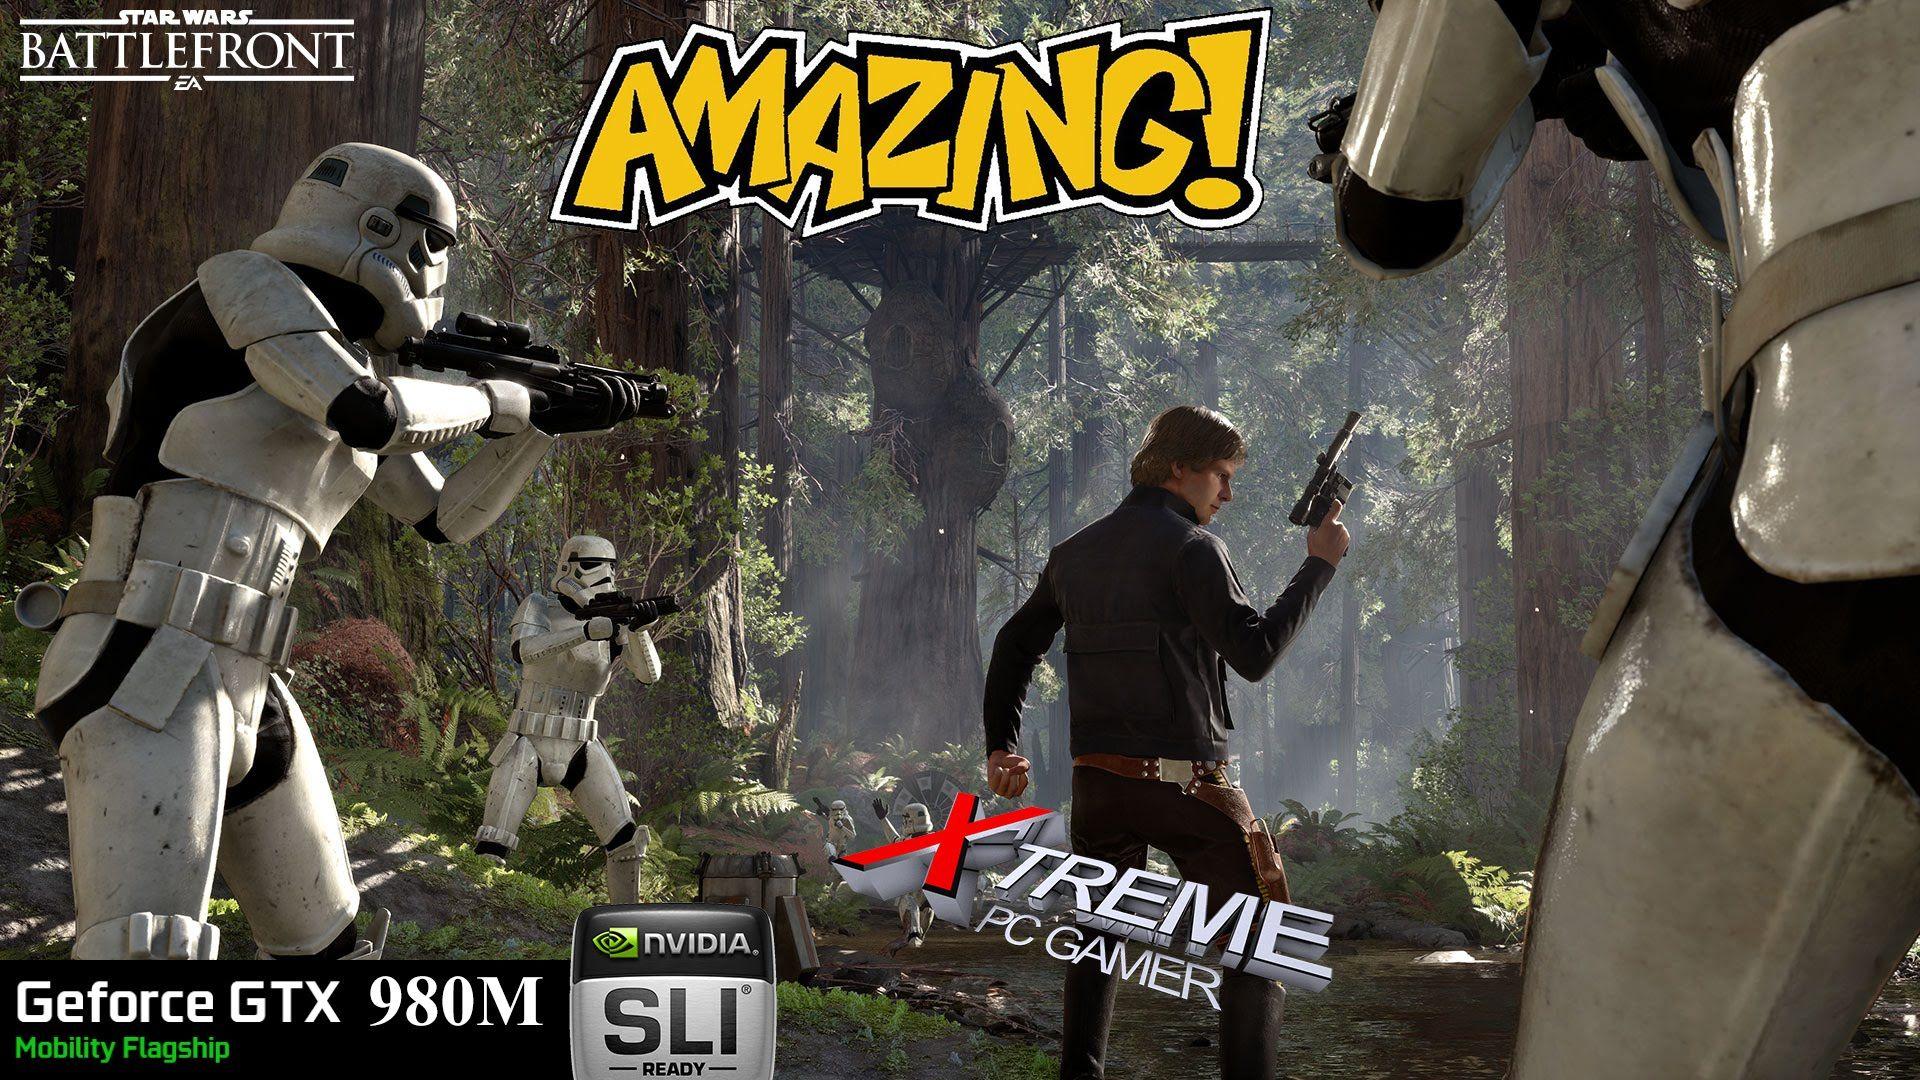 Star Wars Battlefront Pc The Forests Moon Of Endor Gtx 980m Benchmark 1080p 60fps Star Wars Battlefront Forest Moon Battlefront